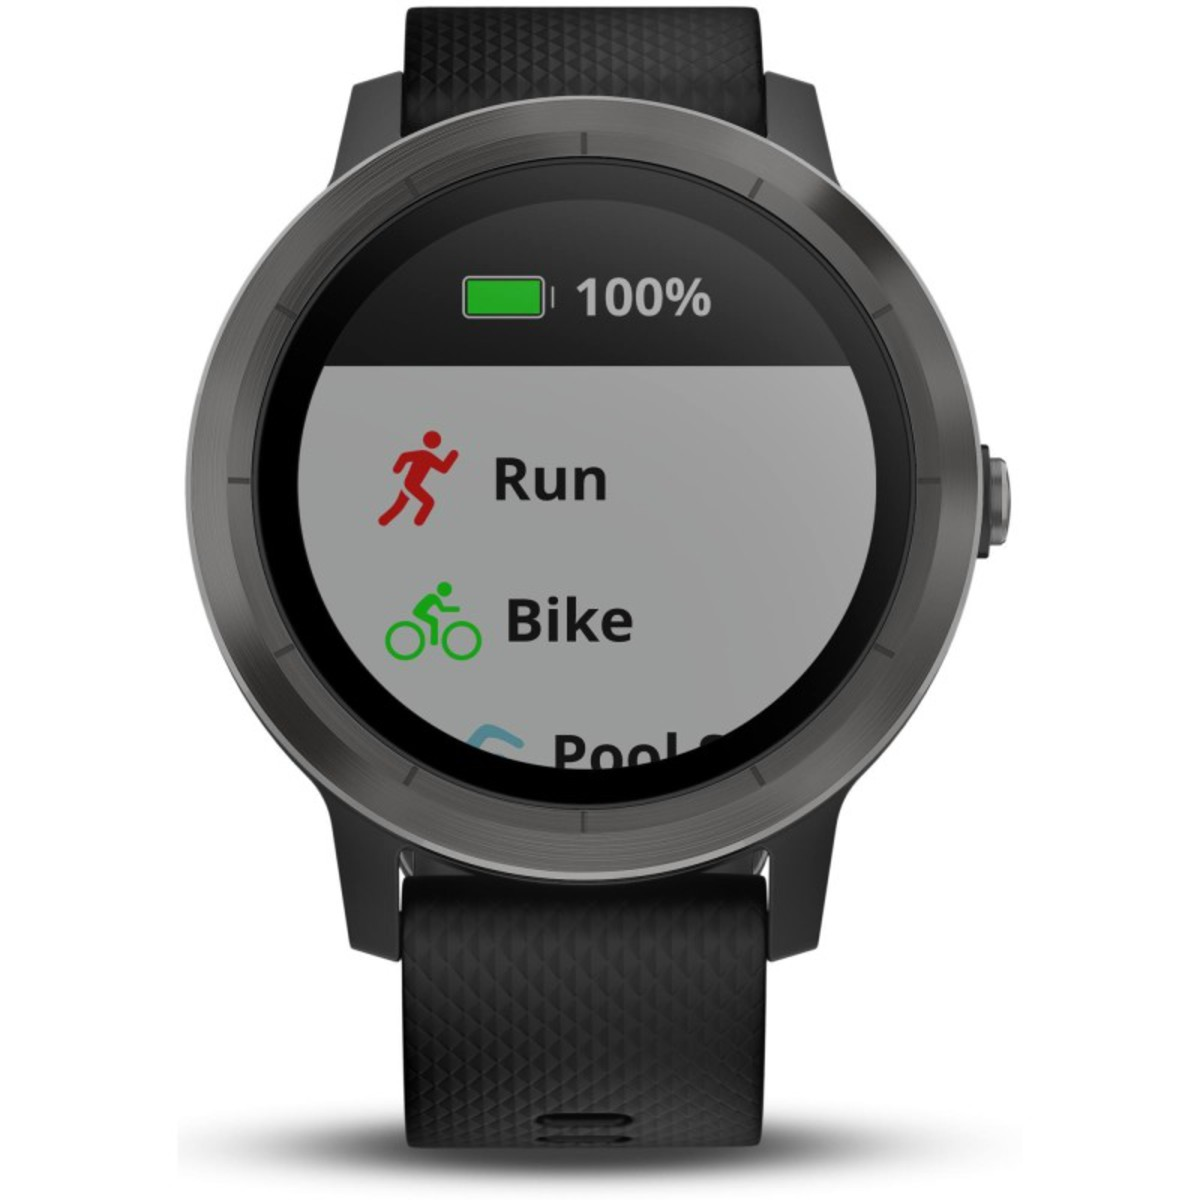 Bild 5 von Sportuhr Vivoactive 3 HFM und GPS schwarz